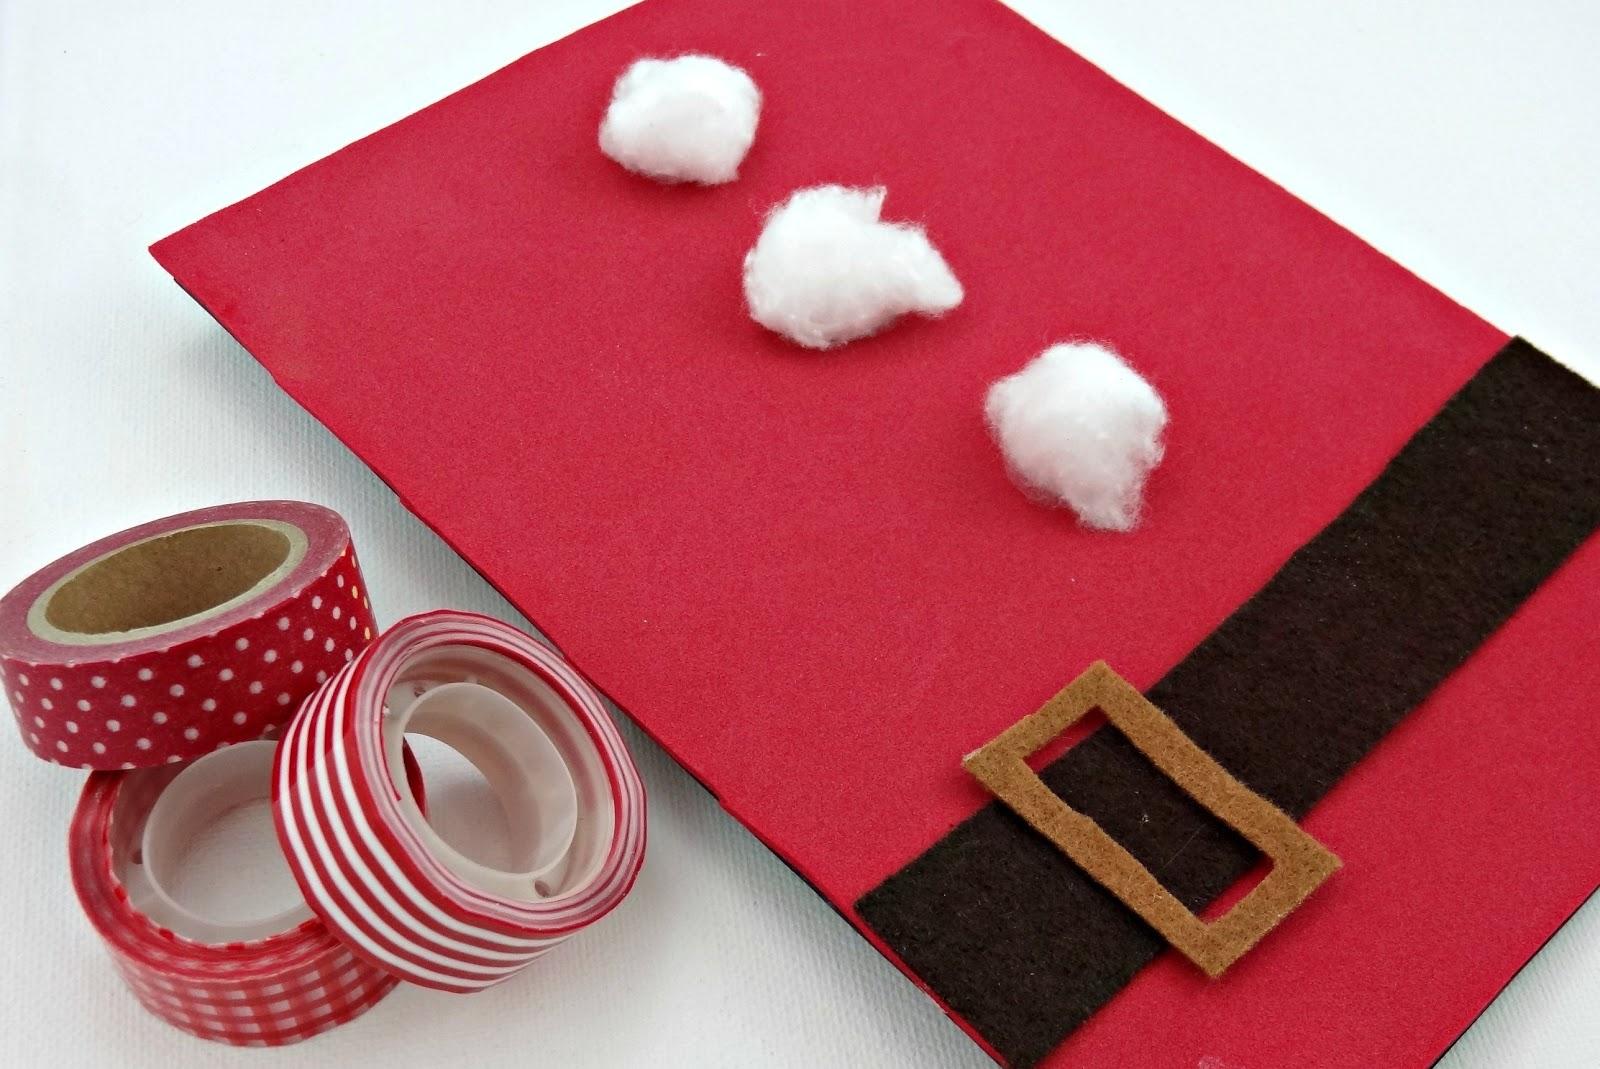 Celebra con ana compartiendo experiencias creativas - Tarjeta de navidad manualidades ...